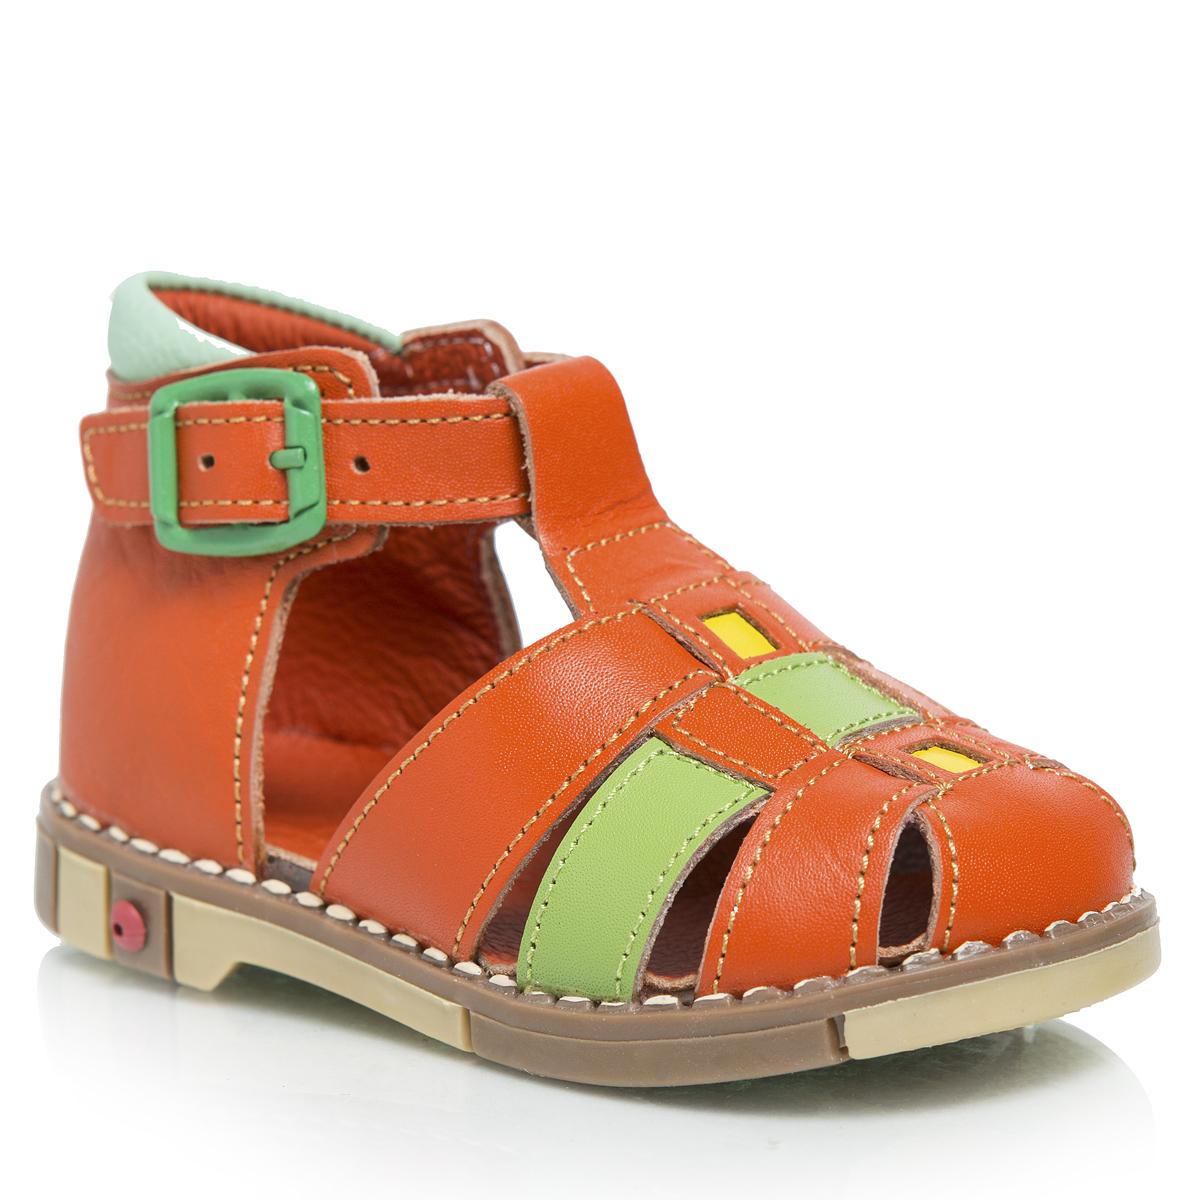 Сандалии для девочки Таши Орто, цвет: оранжевый, салатовый, светло-бирюзовый. 234-20. Размер 22234-20Стильные детские сандалии Таши Орто приведут в восторг вашу маленькую модницу. Модель выполнена из натуральной кожи контрастных цветов. Ремешок на застежке-пряжке, которая не ослабевает в процессе носки, помогает оптимально подогнать полноту обуви по ноге и гарантирует надежную фиксацию. Литая анатомическая стелька из натуральной кожи со сводоподдерживающим элементом и латексным покрытием, не продавливающаяся во время носки, обеспечивает правильное формирование стопы. Благодаря использованию современных внутренних материалов, позволяет оптимально распределить нагрузку по всей площади стопы, дает ножке ощущение мягкости и комфорта. Полужесткий задник фиксирует ножку ребенка, не давая ей смещаться из стороны в сторону и назад. Мягкая верхняя часть, которая плотно прилегает к ножке, и подкладка, изготовленная из натуральной кожи, позволяют избежать натирания. Широкий, устойчивый каблук, специальной конфигурации каблук Томаса, продлен с внутренней стороны до середины стопы, чтобы исключить вращение (заваливание) стопы вовнутрь. Эластичная подошва с рельефным протектором, позволяющая сгибаться стопе при ходьбе или беге в 1/3 стопы, а не по середине, предназначена для правильного распределения нагрузки на опорно-двигательный аппарат ребенка.